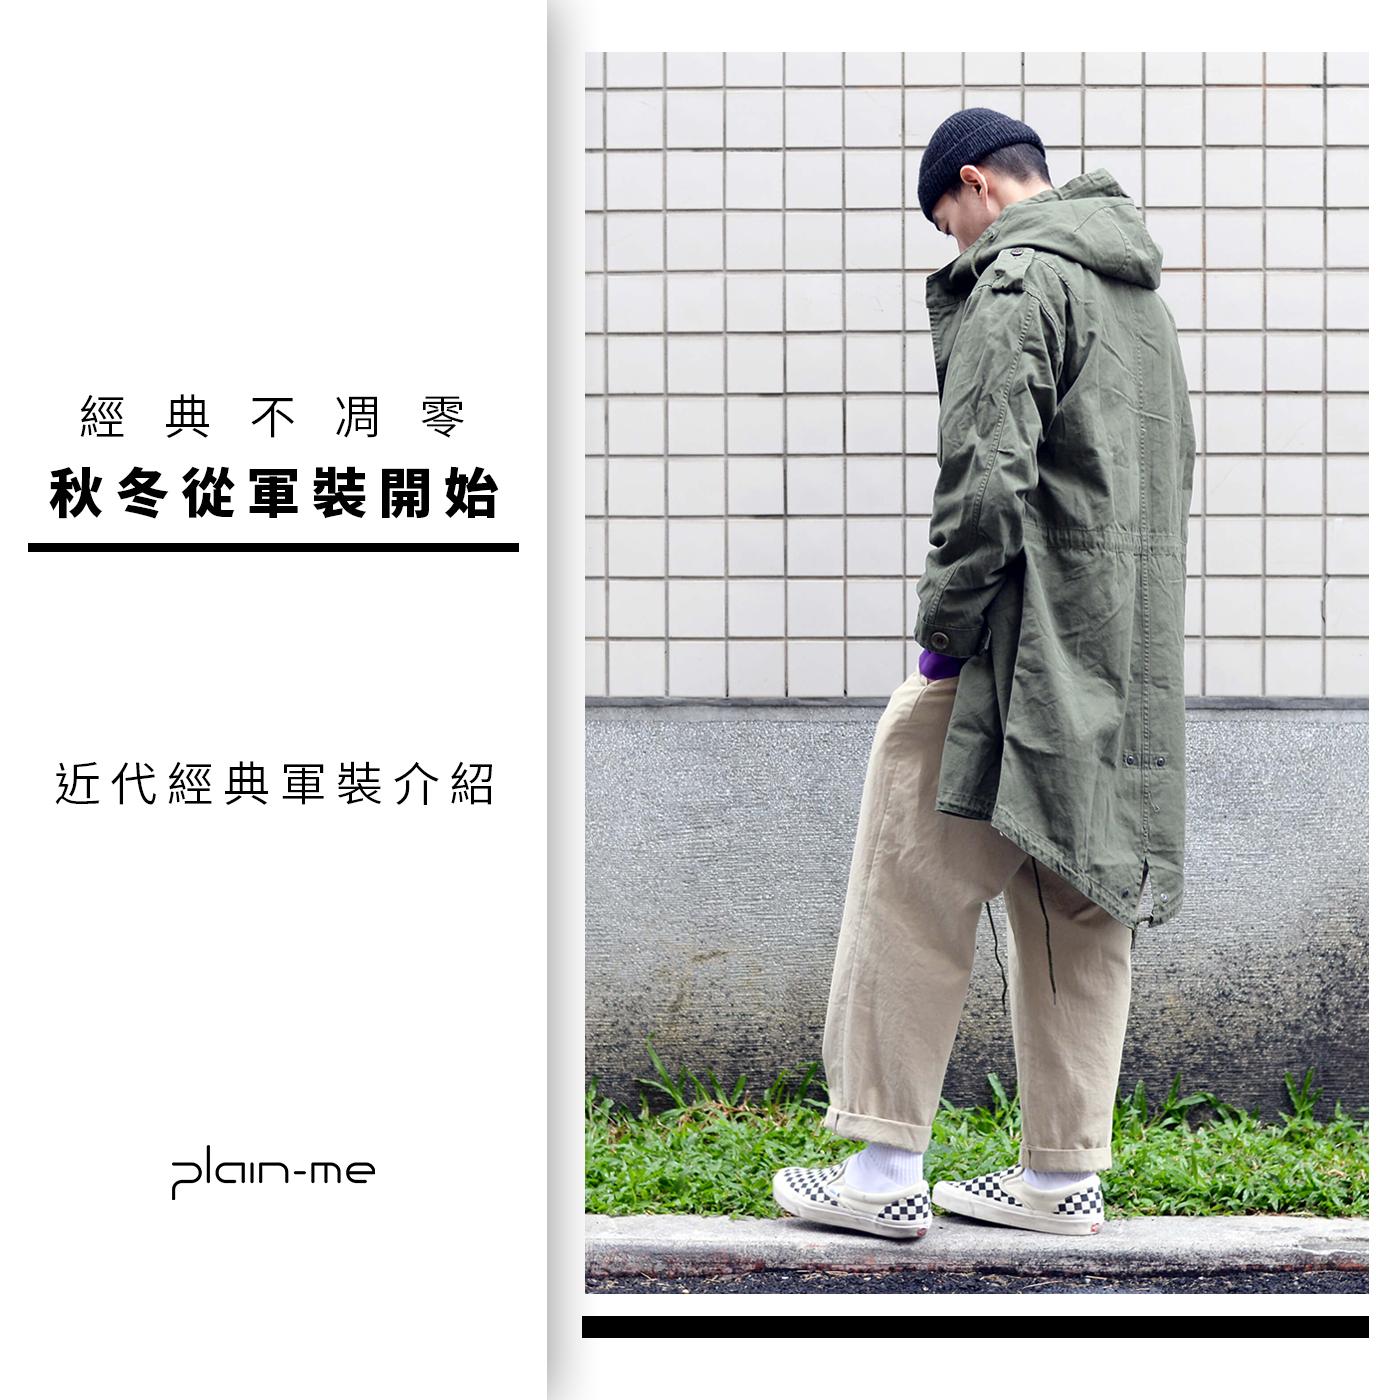 軍裝,軍服,男裝,Mods,機能,服裝歷史,古著,軍隊